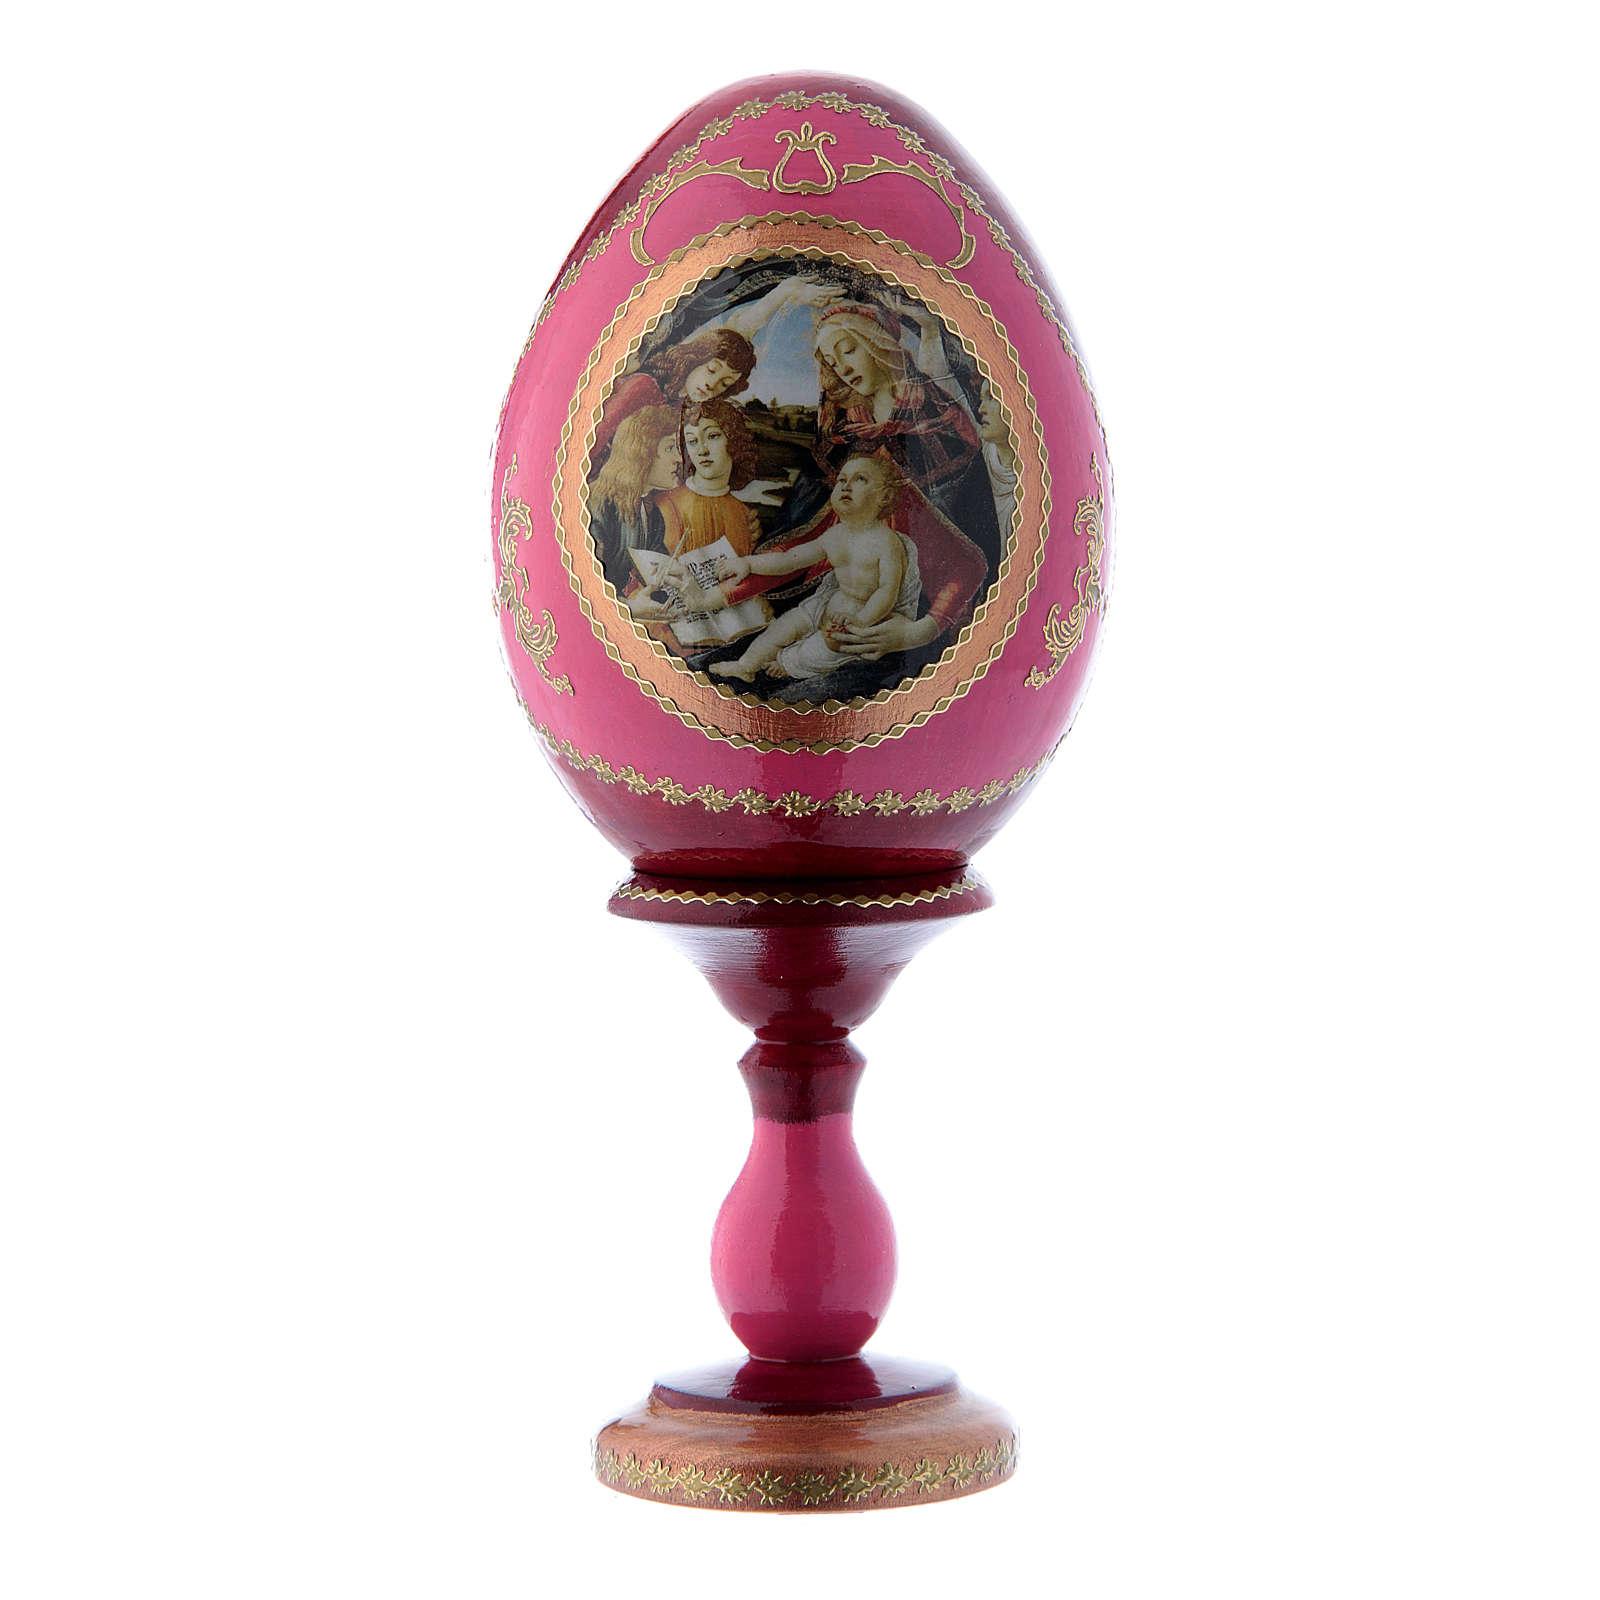 Huevo ruso estilo Fabergé rojo La Virgen del Magnificat h tot 16 cm 4